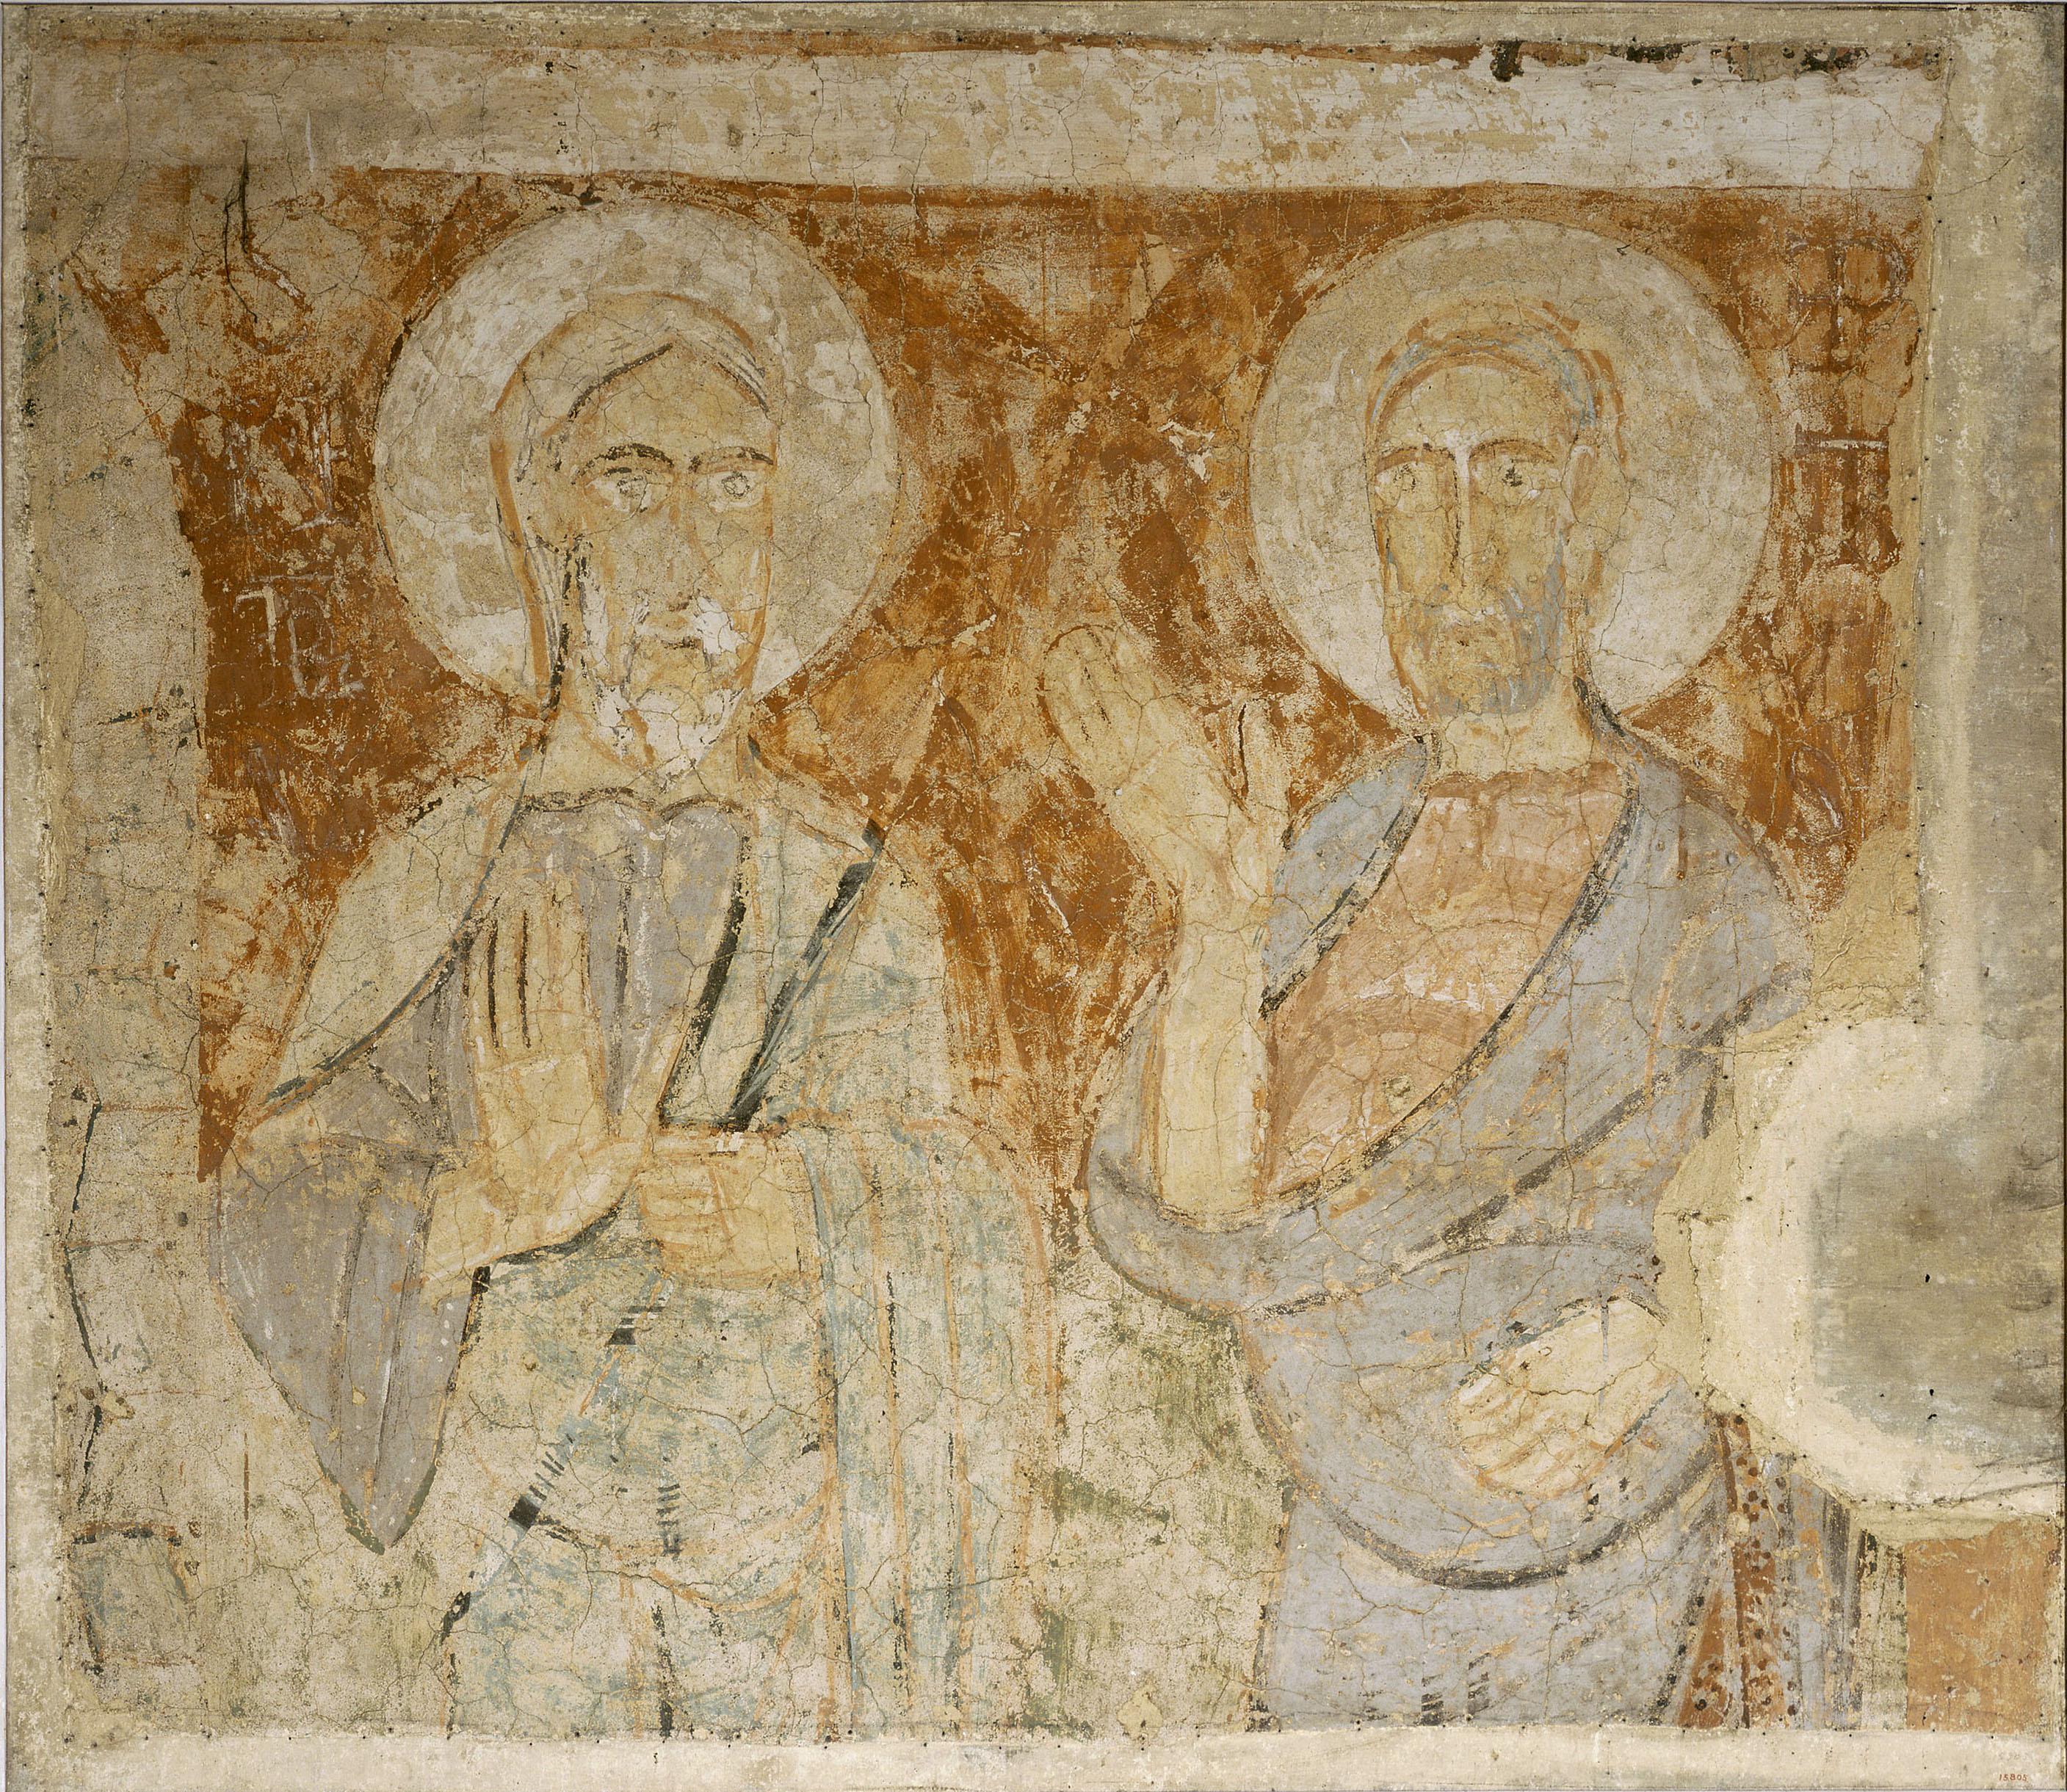 Mestre de la Seu d'Urgell - Fragment d'un segon arrencament dels apòstols Andreu i Pere, de la Seu d'Urgell - Segon quart del segle XII